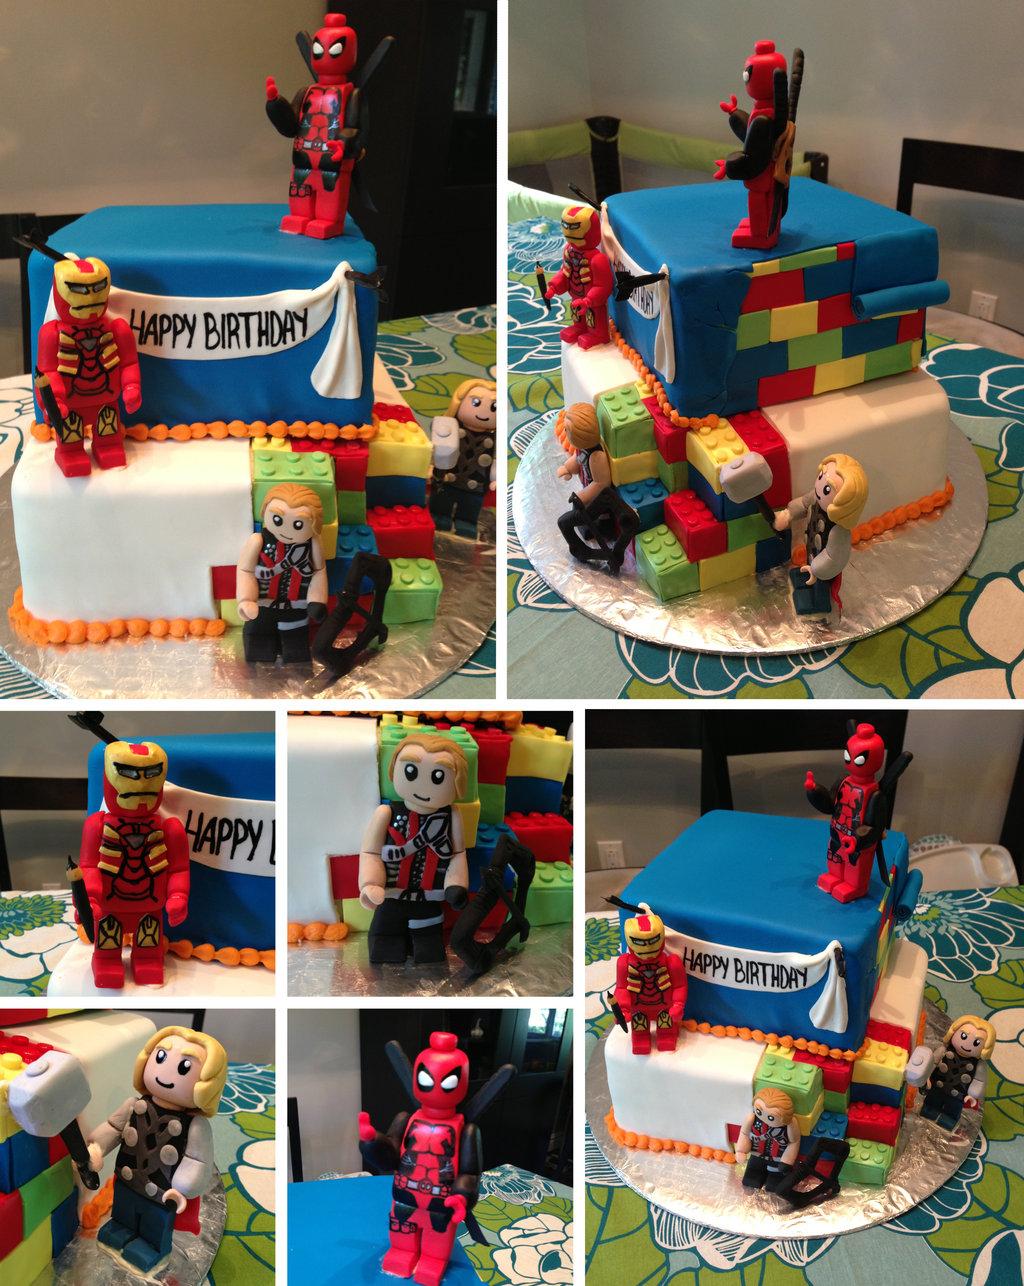 7 Marvel Wars Cake Cakes Photo Lego Marvel Super Heroes Cake Lego